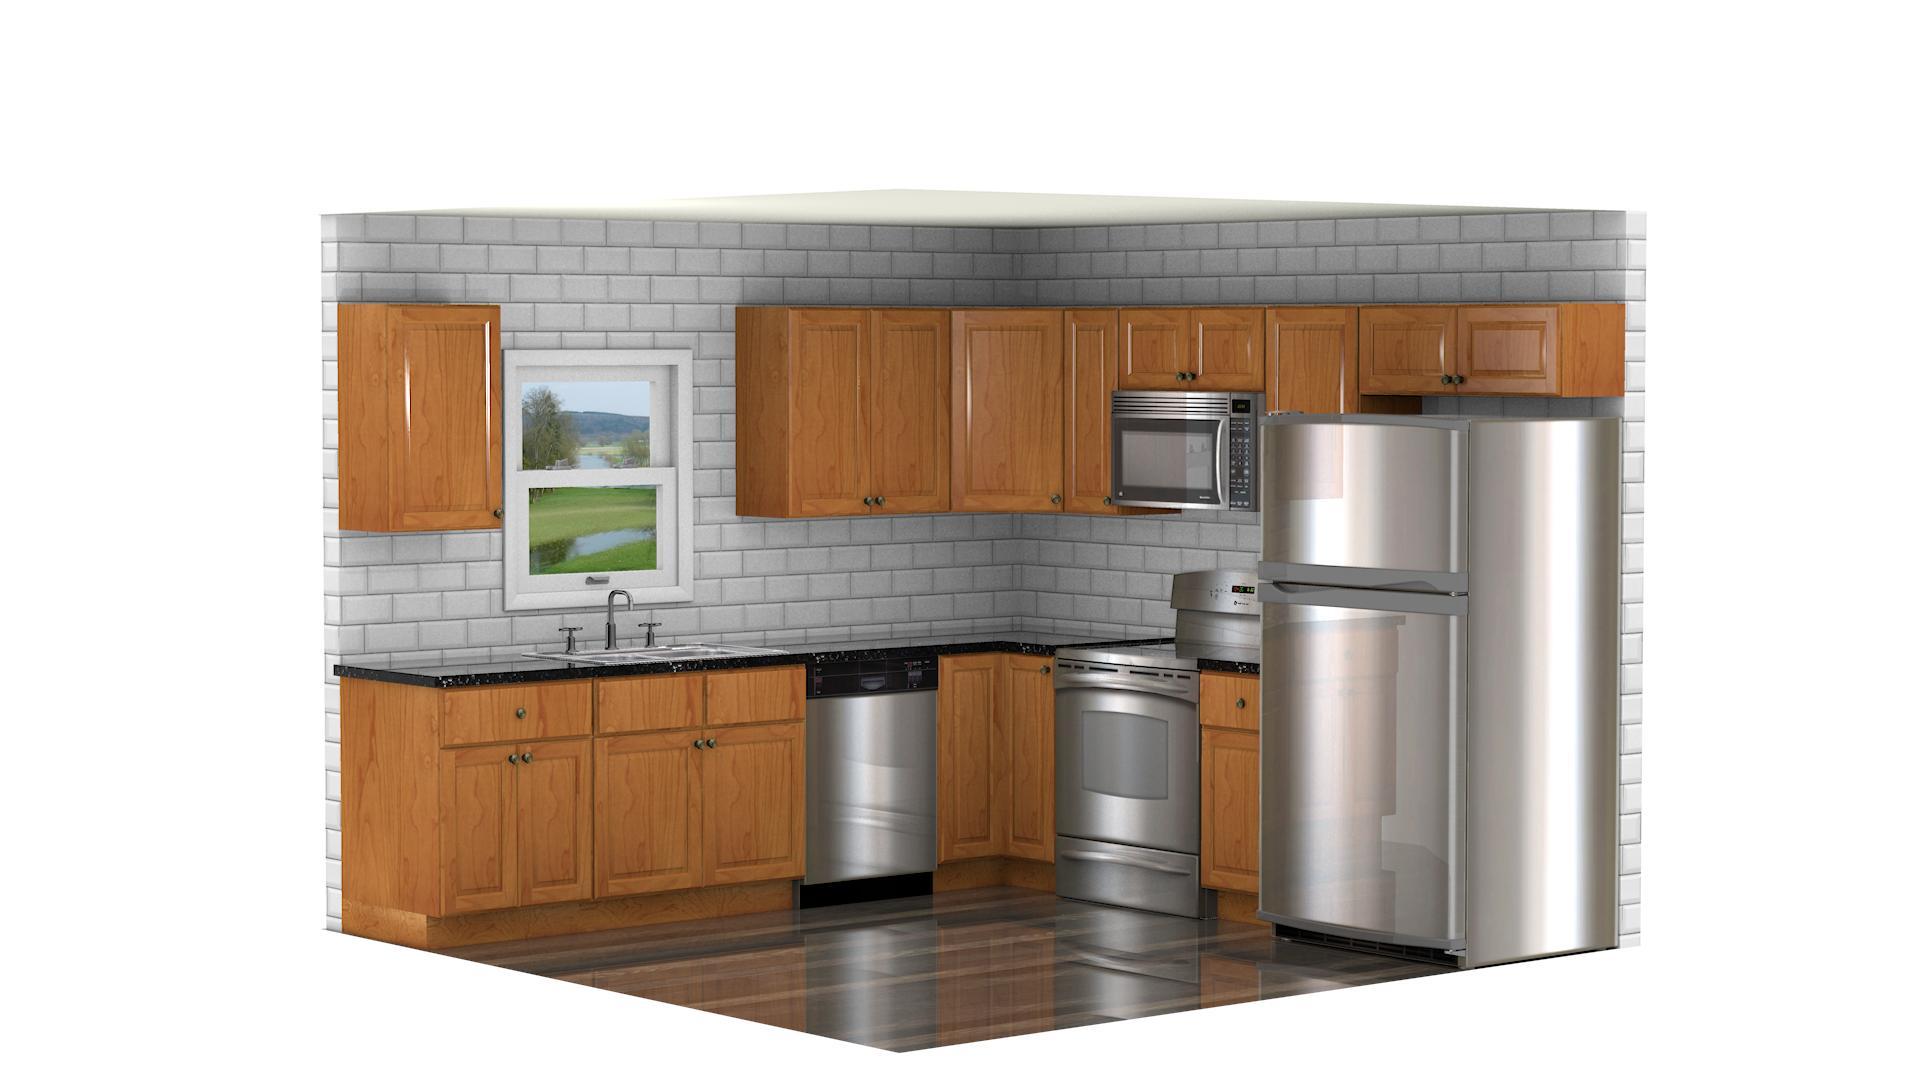 GHI Regal Oak  Waverly Cabinets